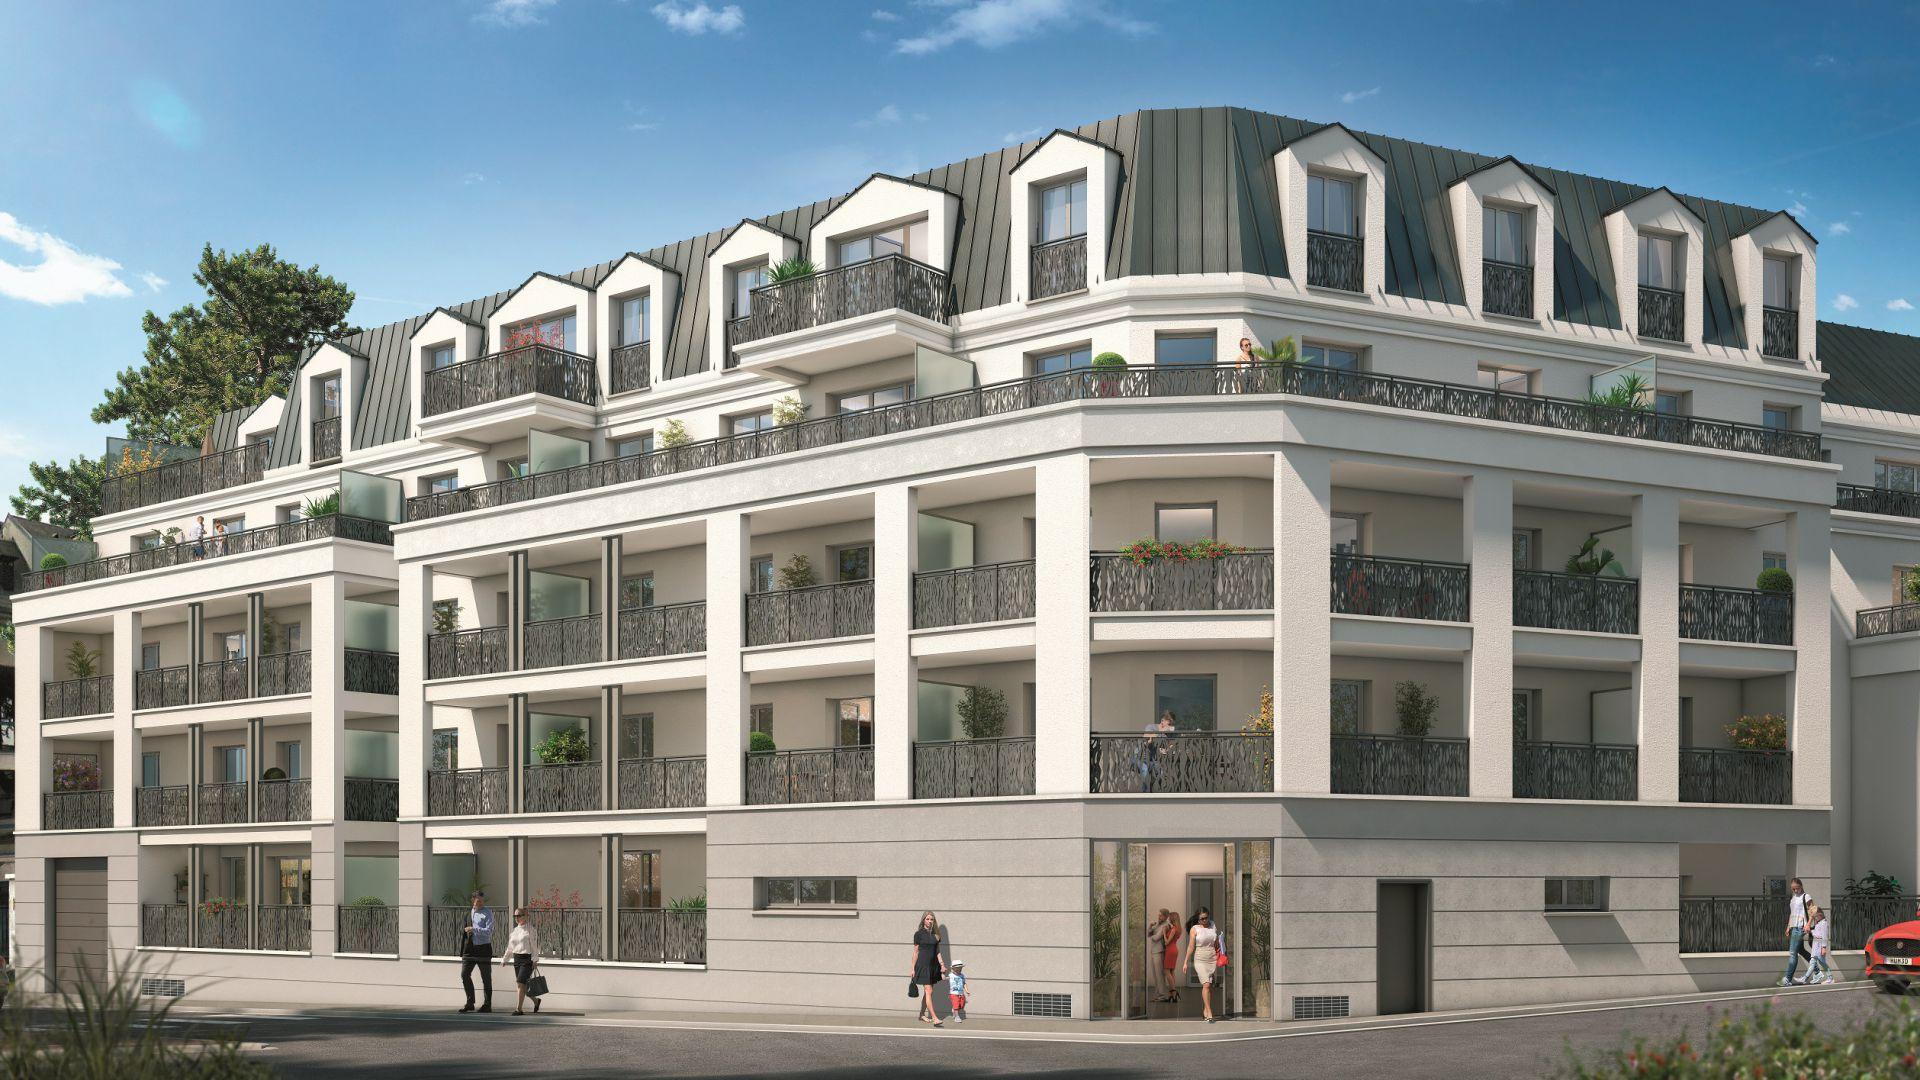 GreenCity Immobilier - Savigny sur Orge 91600 - Le Beaumont - appartements T1 Bis - T2 - T3 - T4 - vue rue